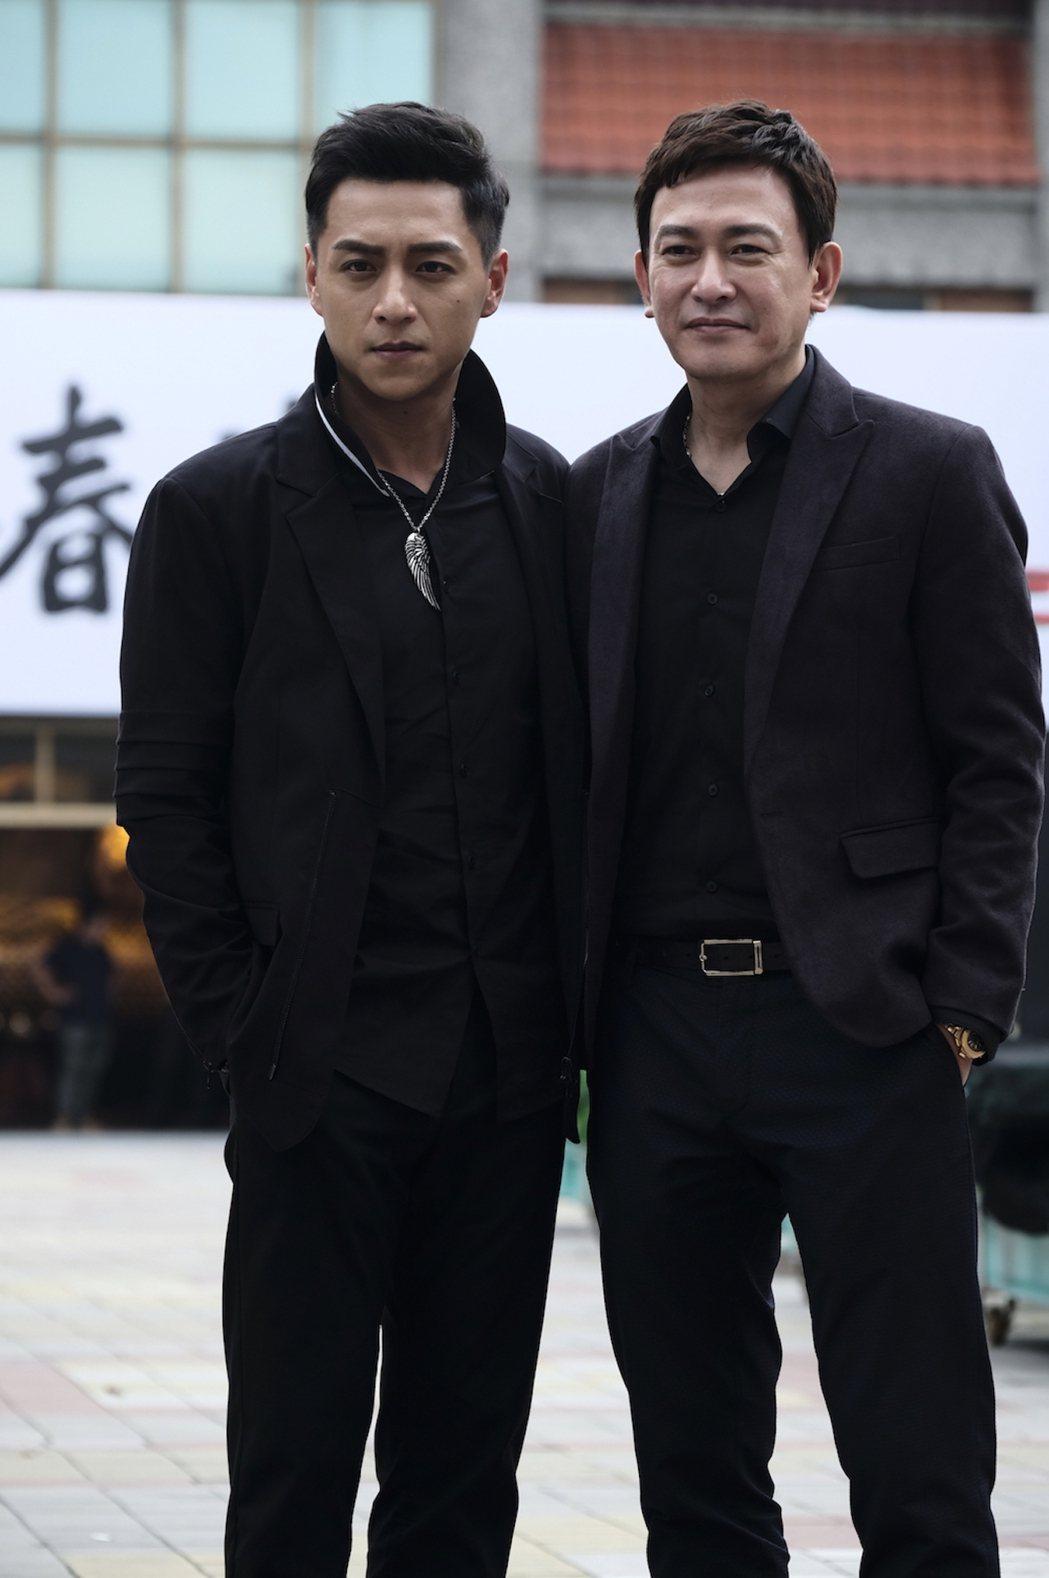 「角頭2-王者再起」鄭人碩(左)、王識賢(右)飾演本省幫派。圖/理大國際提供